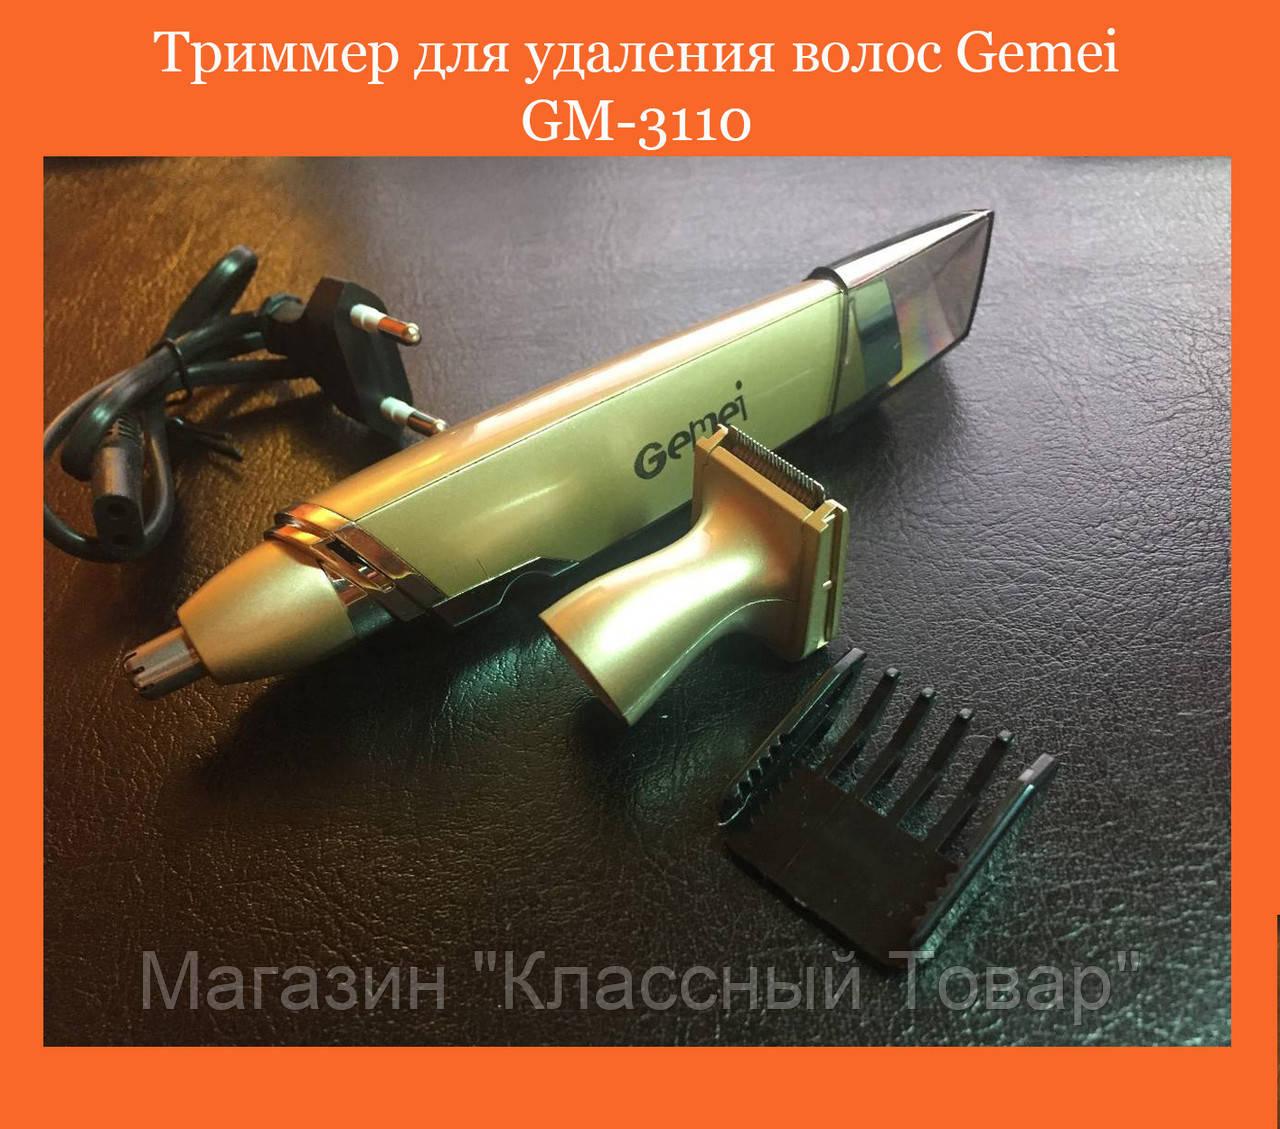 Триммер для удаления волос Gemei GM-3110